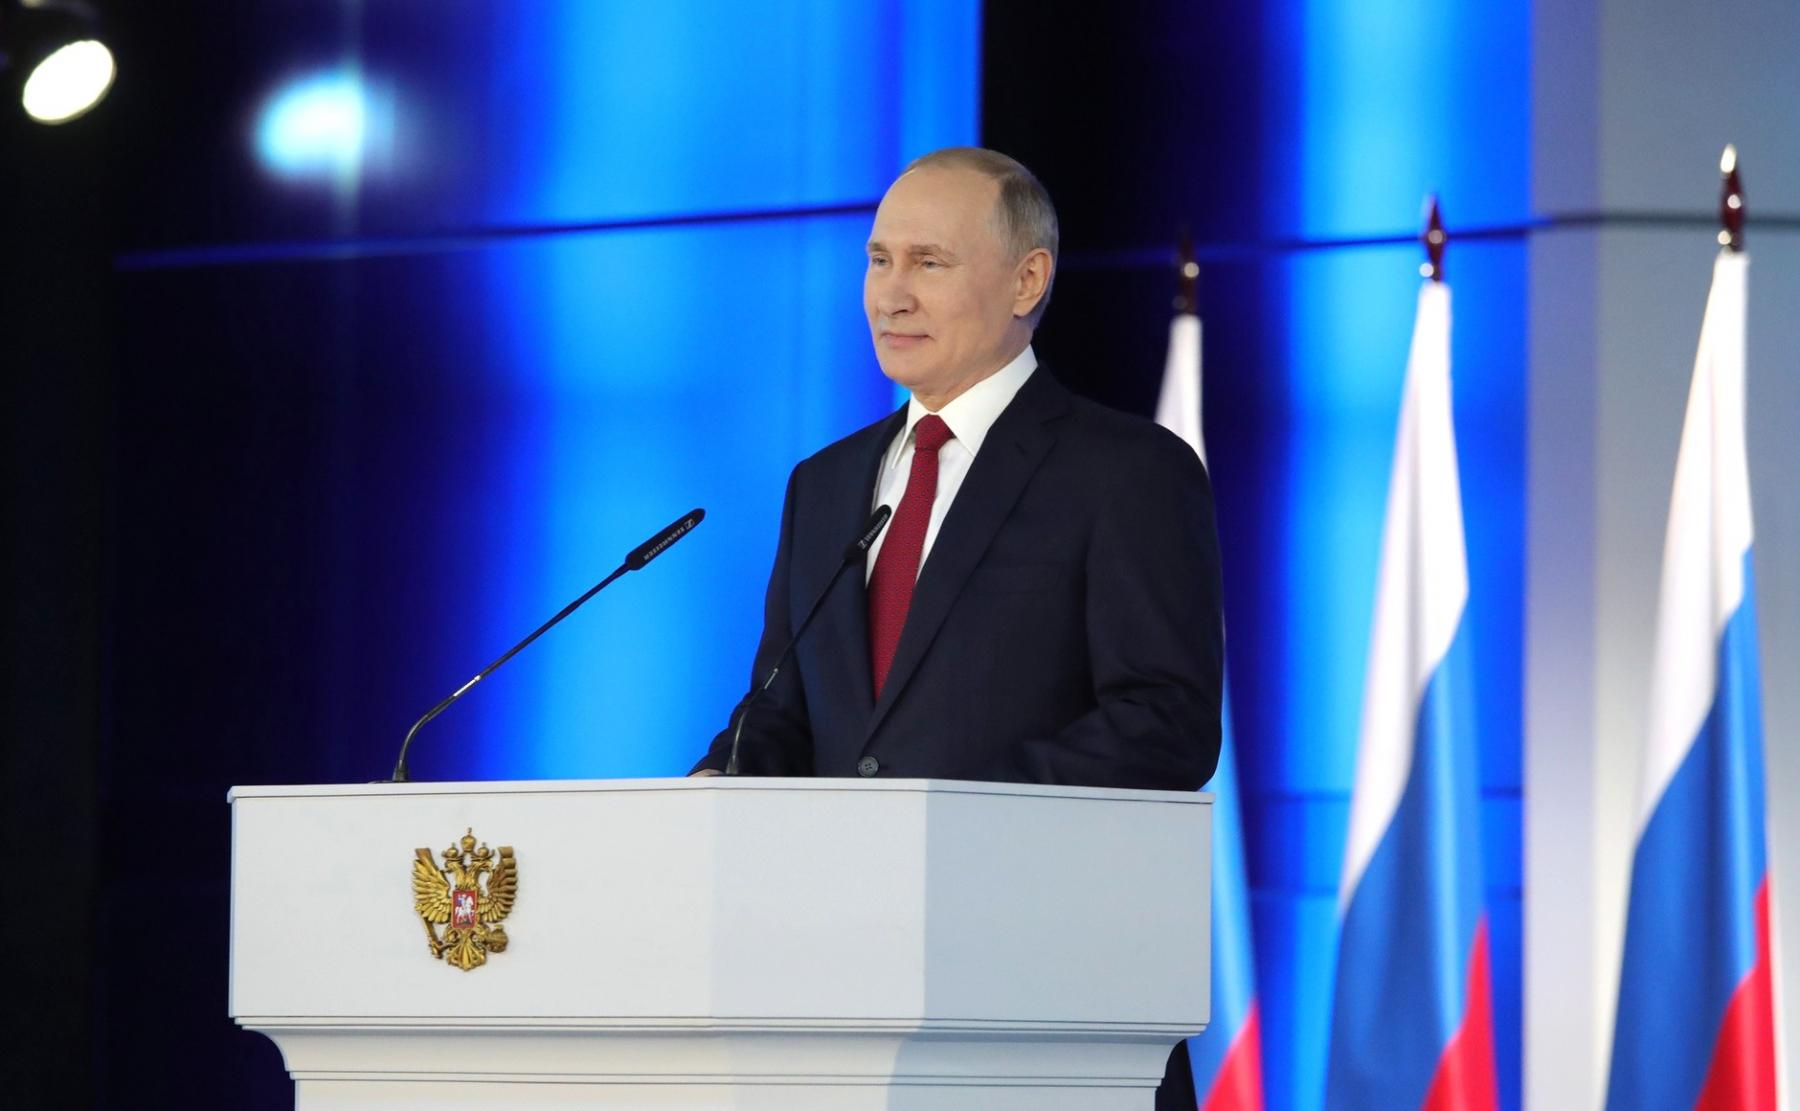 фото Путин сделал заявление об искусственном происхождении COVID-19 2